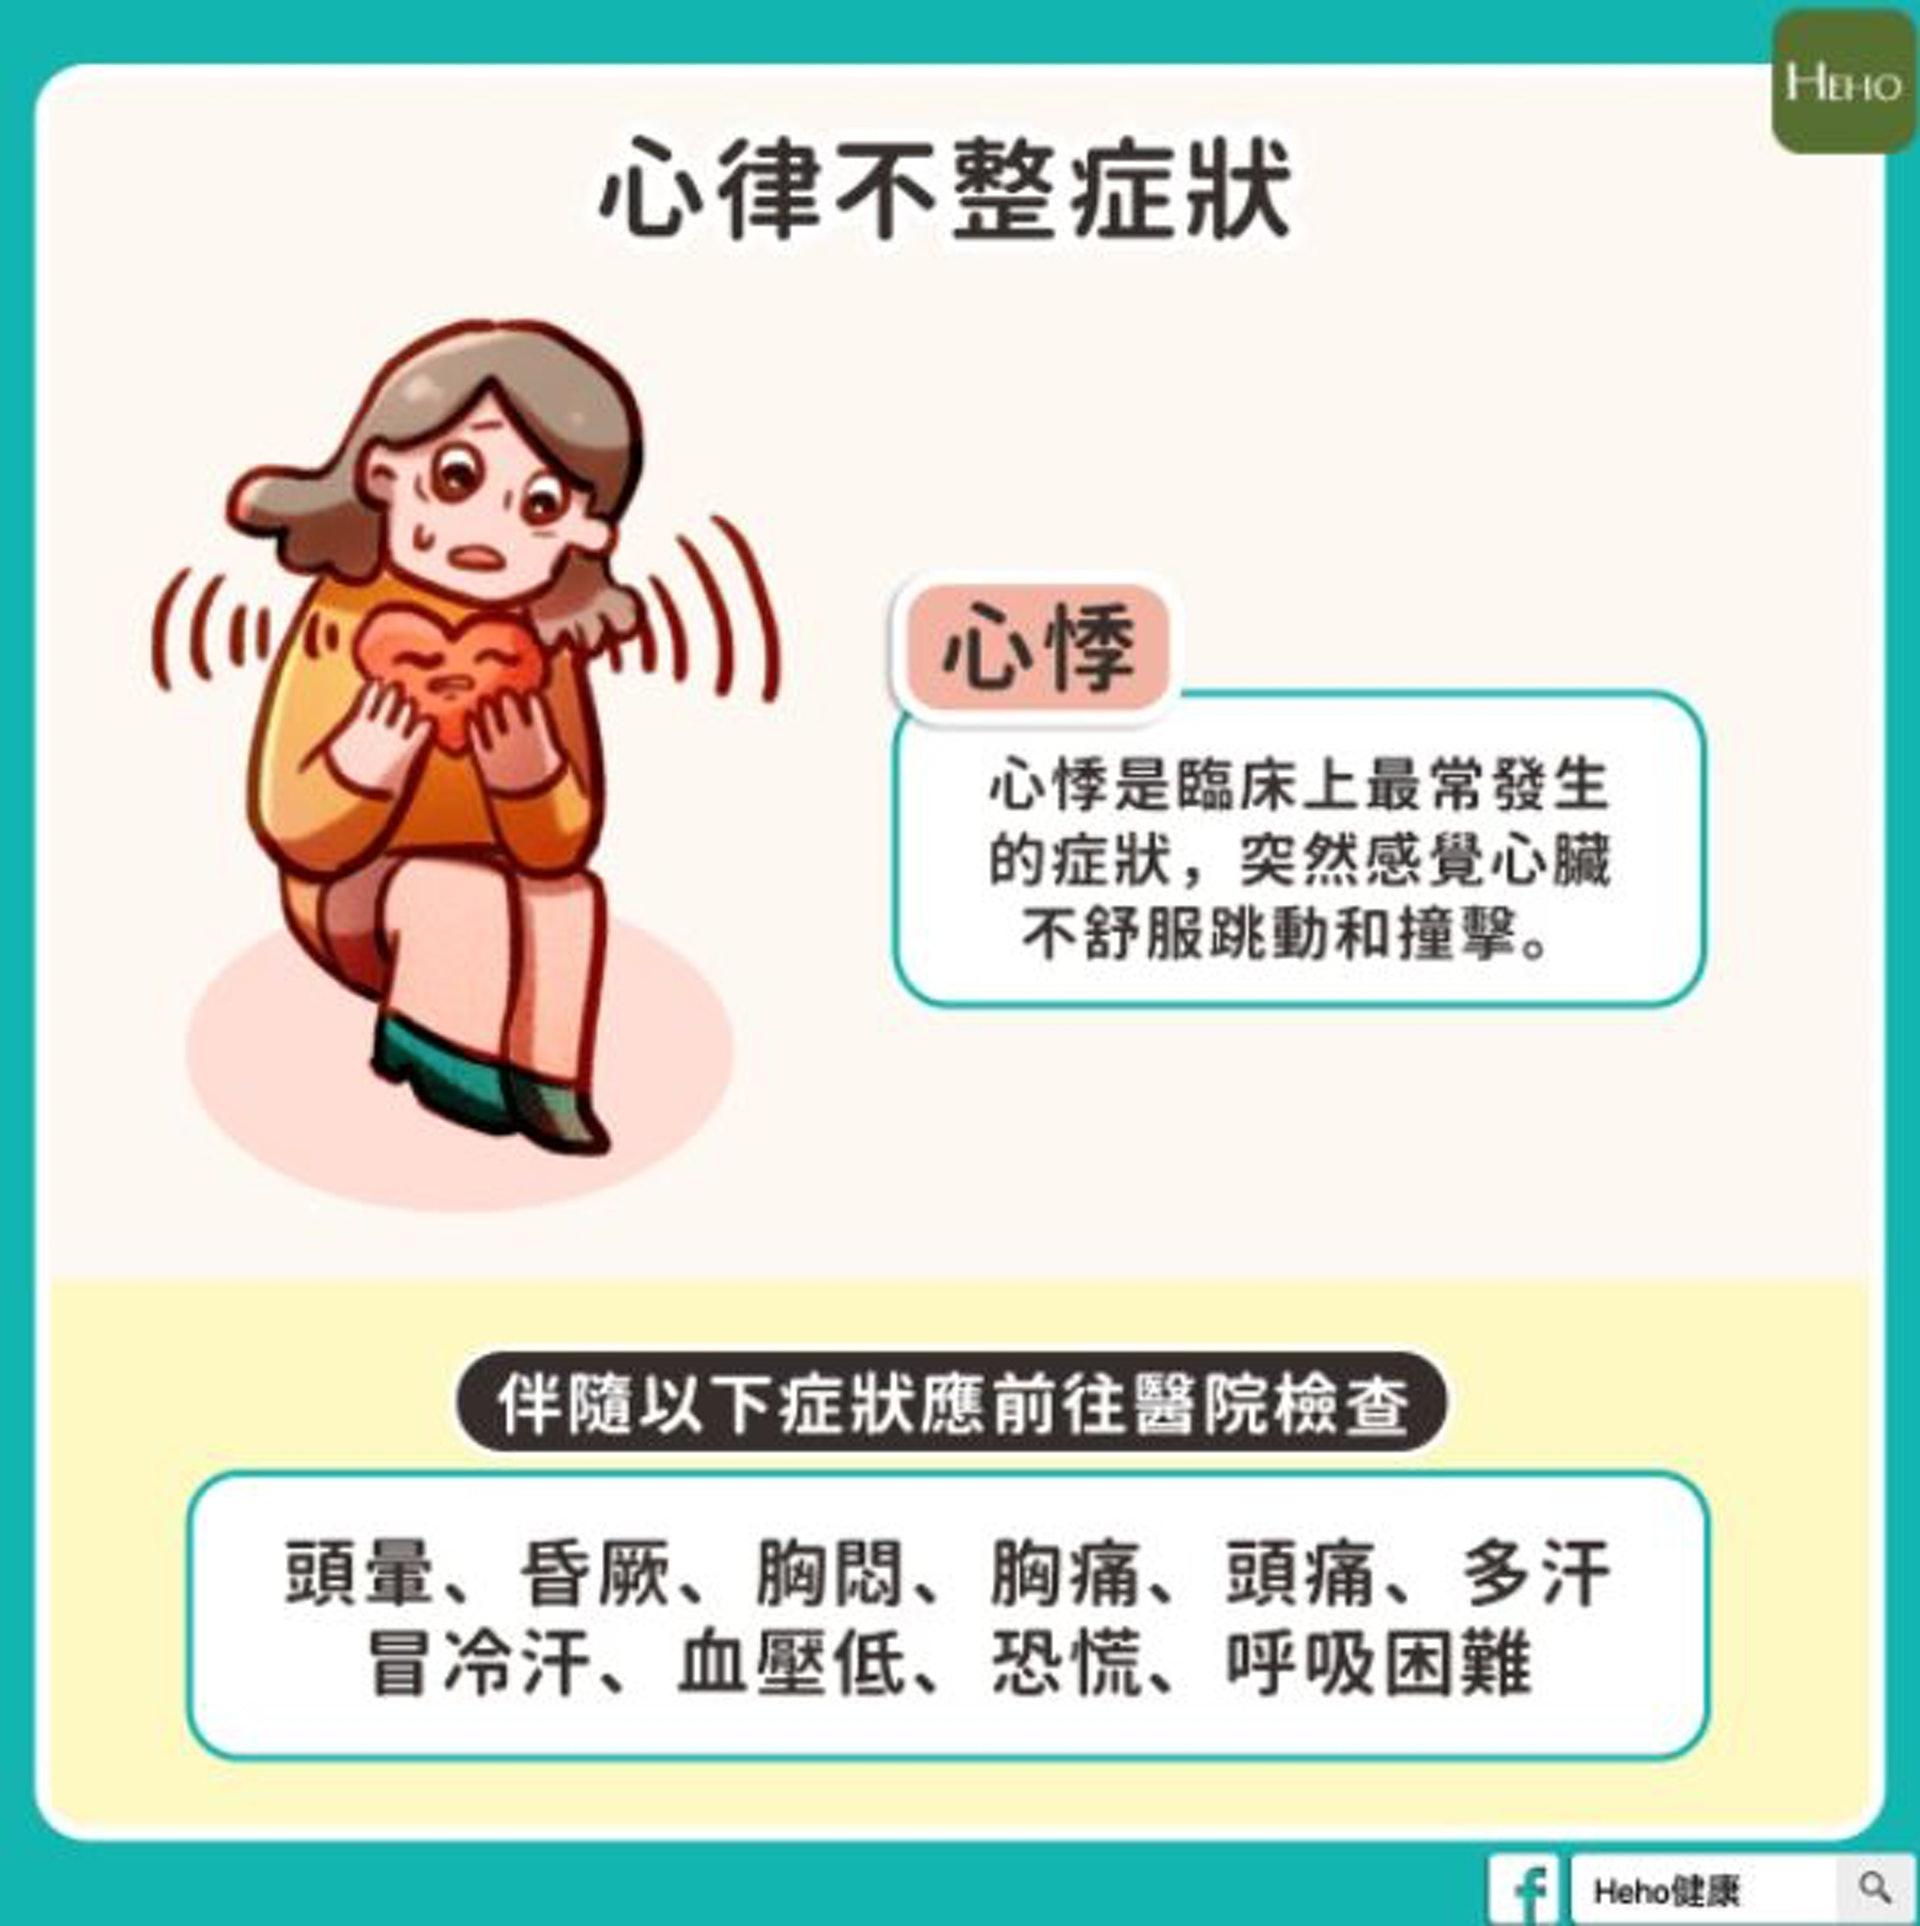 ⼼因性猝死(Heho健康授權使用)